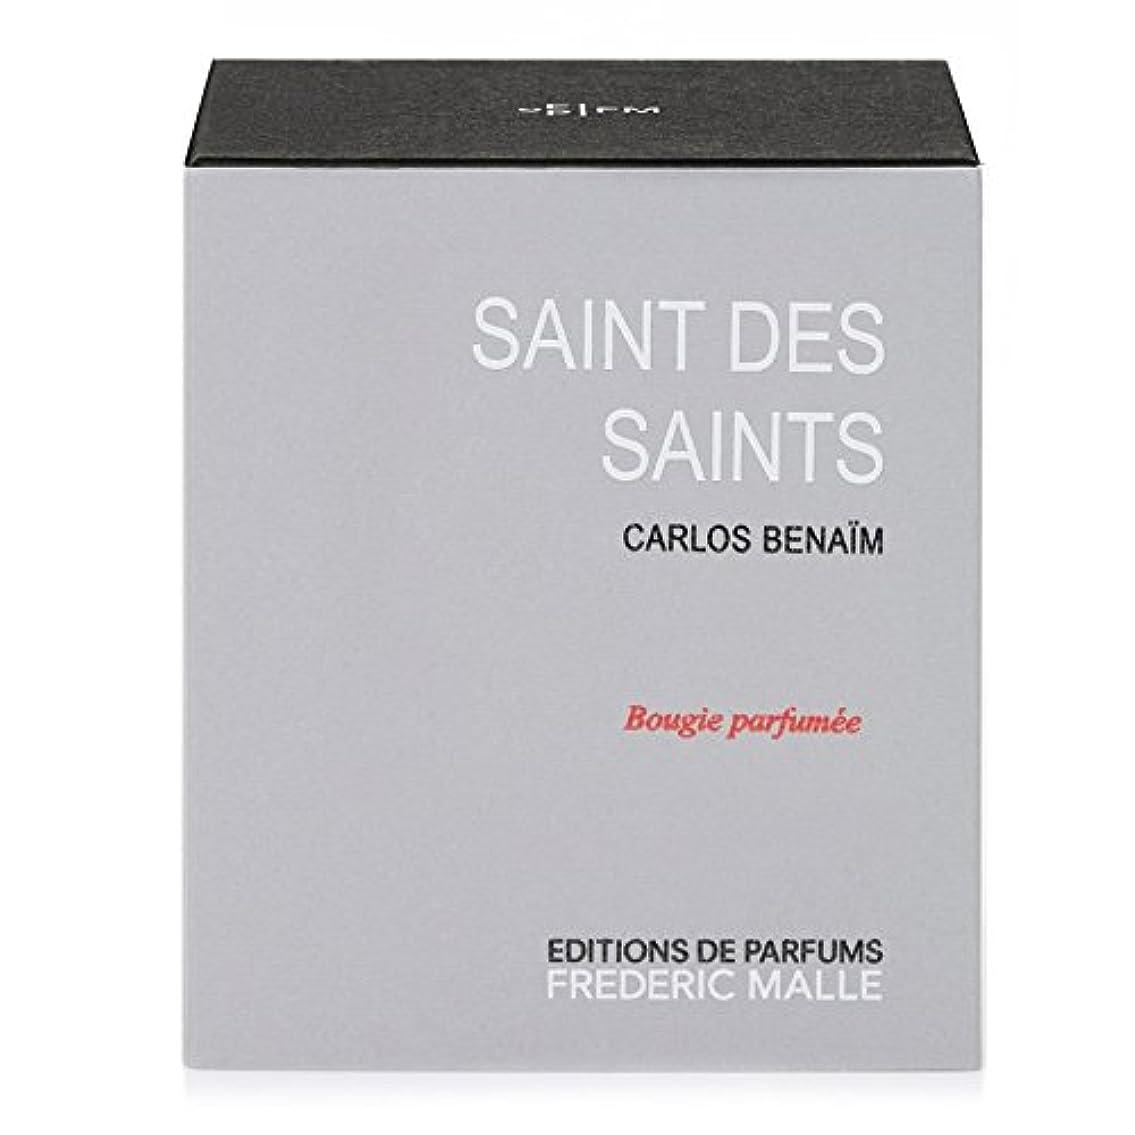 フレデリック?マル聖人デ聖人の香りのキャンドル220グラム x6 - Frederic Malle Saint Des Saints Scented Candle 220g (Pack of 6) [並行輸入品]